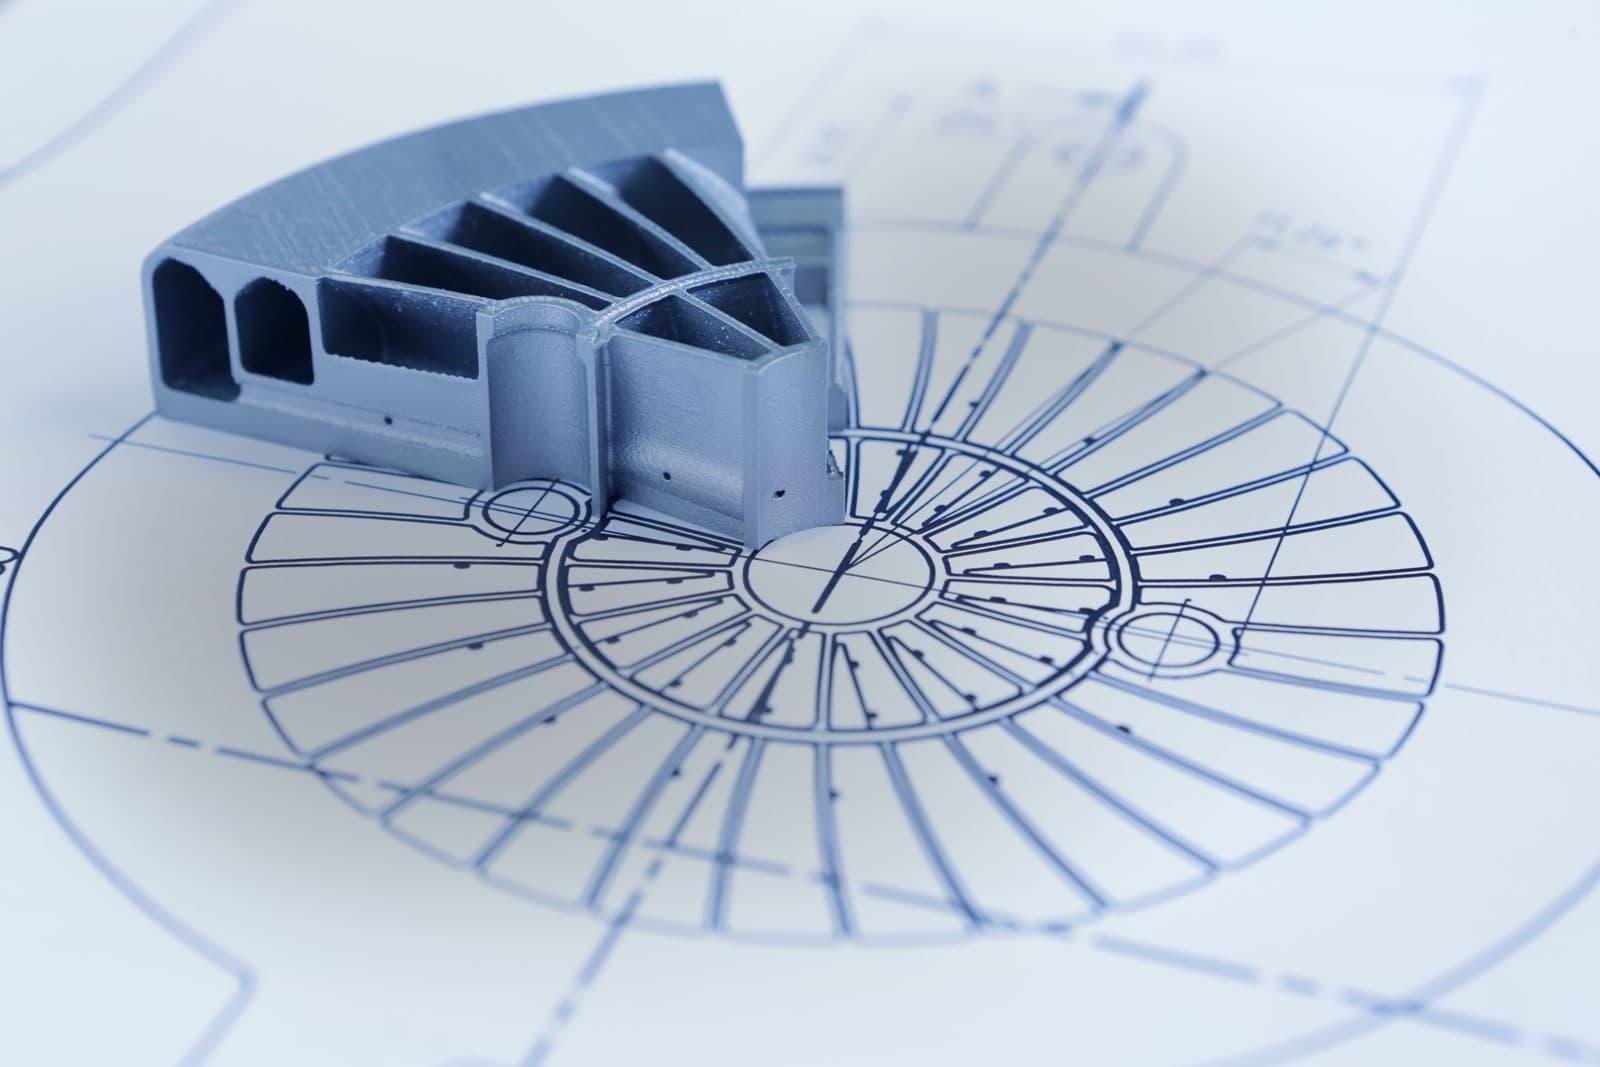 Teilstück Mischeinheit auf technischen Bauplan